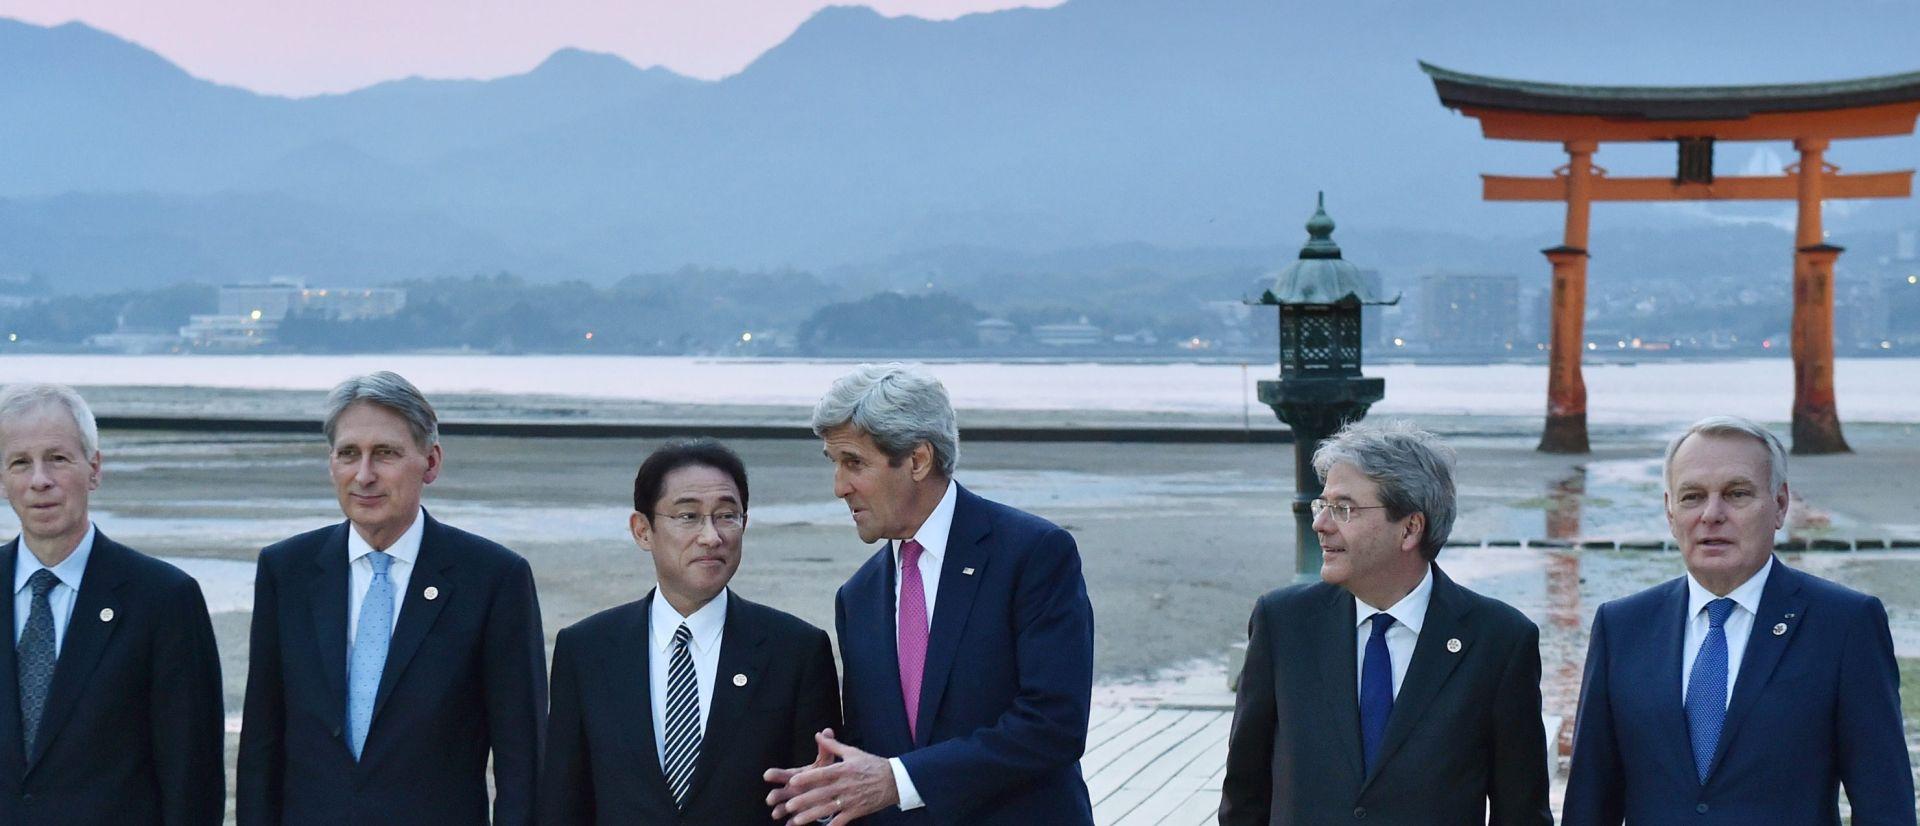 POVIJESNI DAN U HIROŠIMI: Kerry i G7 odali počast žrtvama atomske bombe